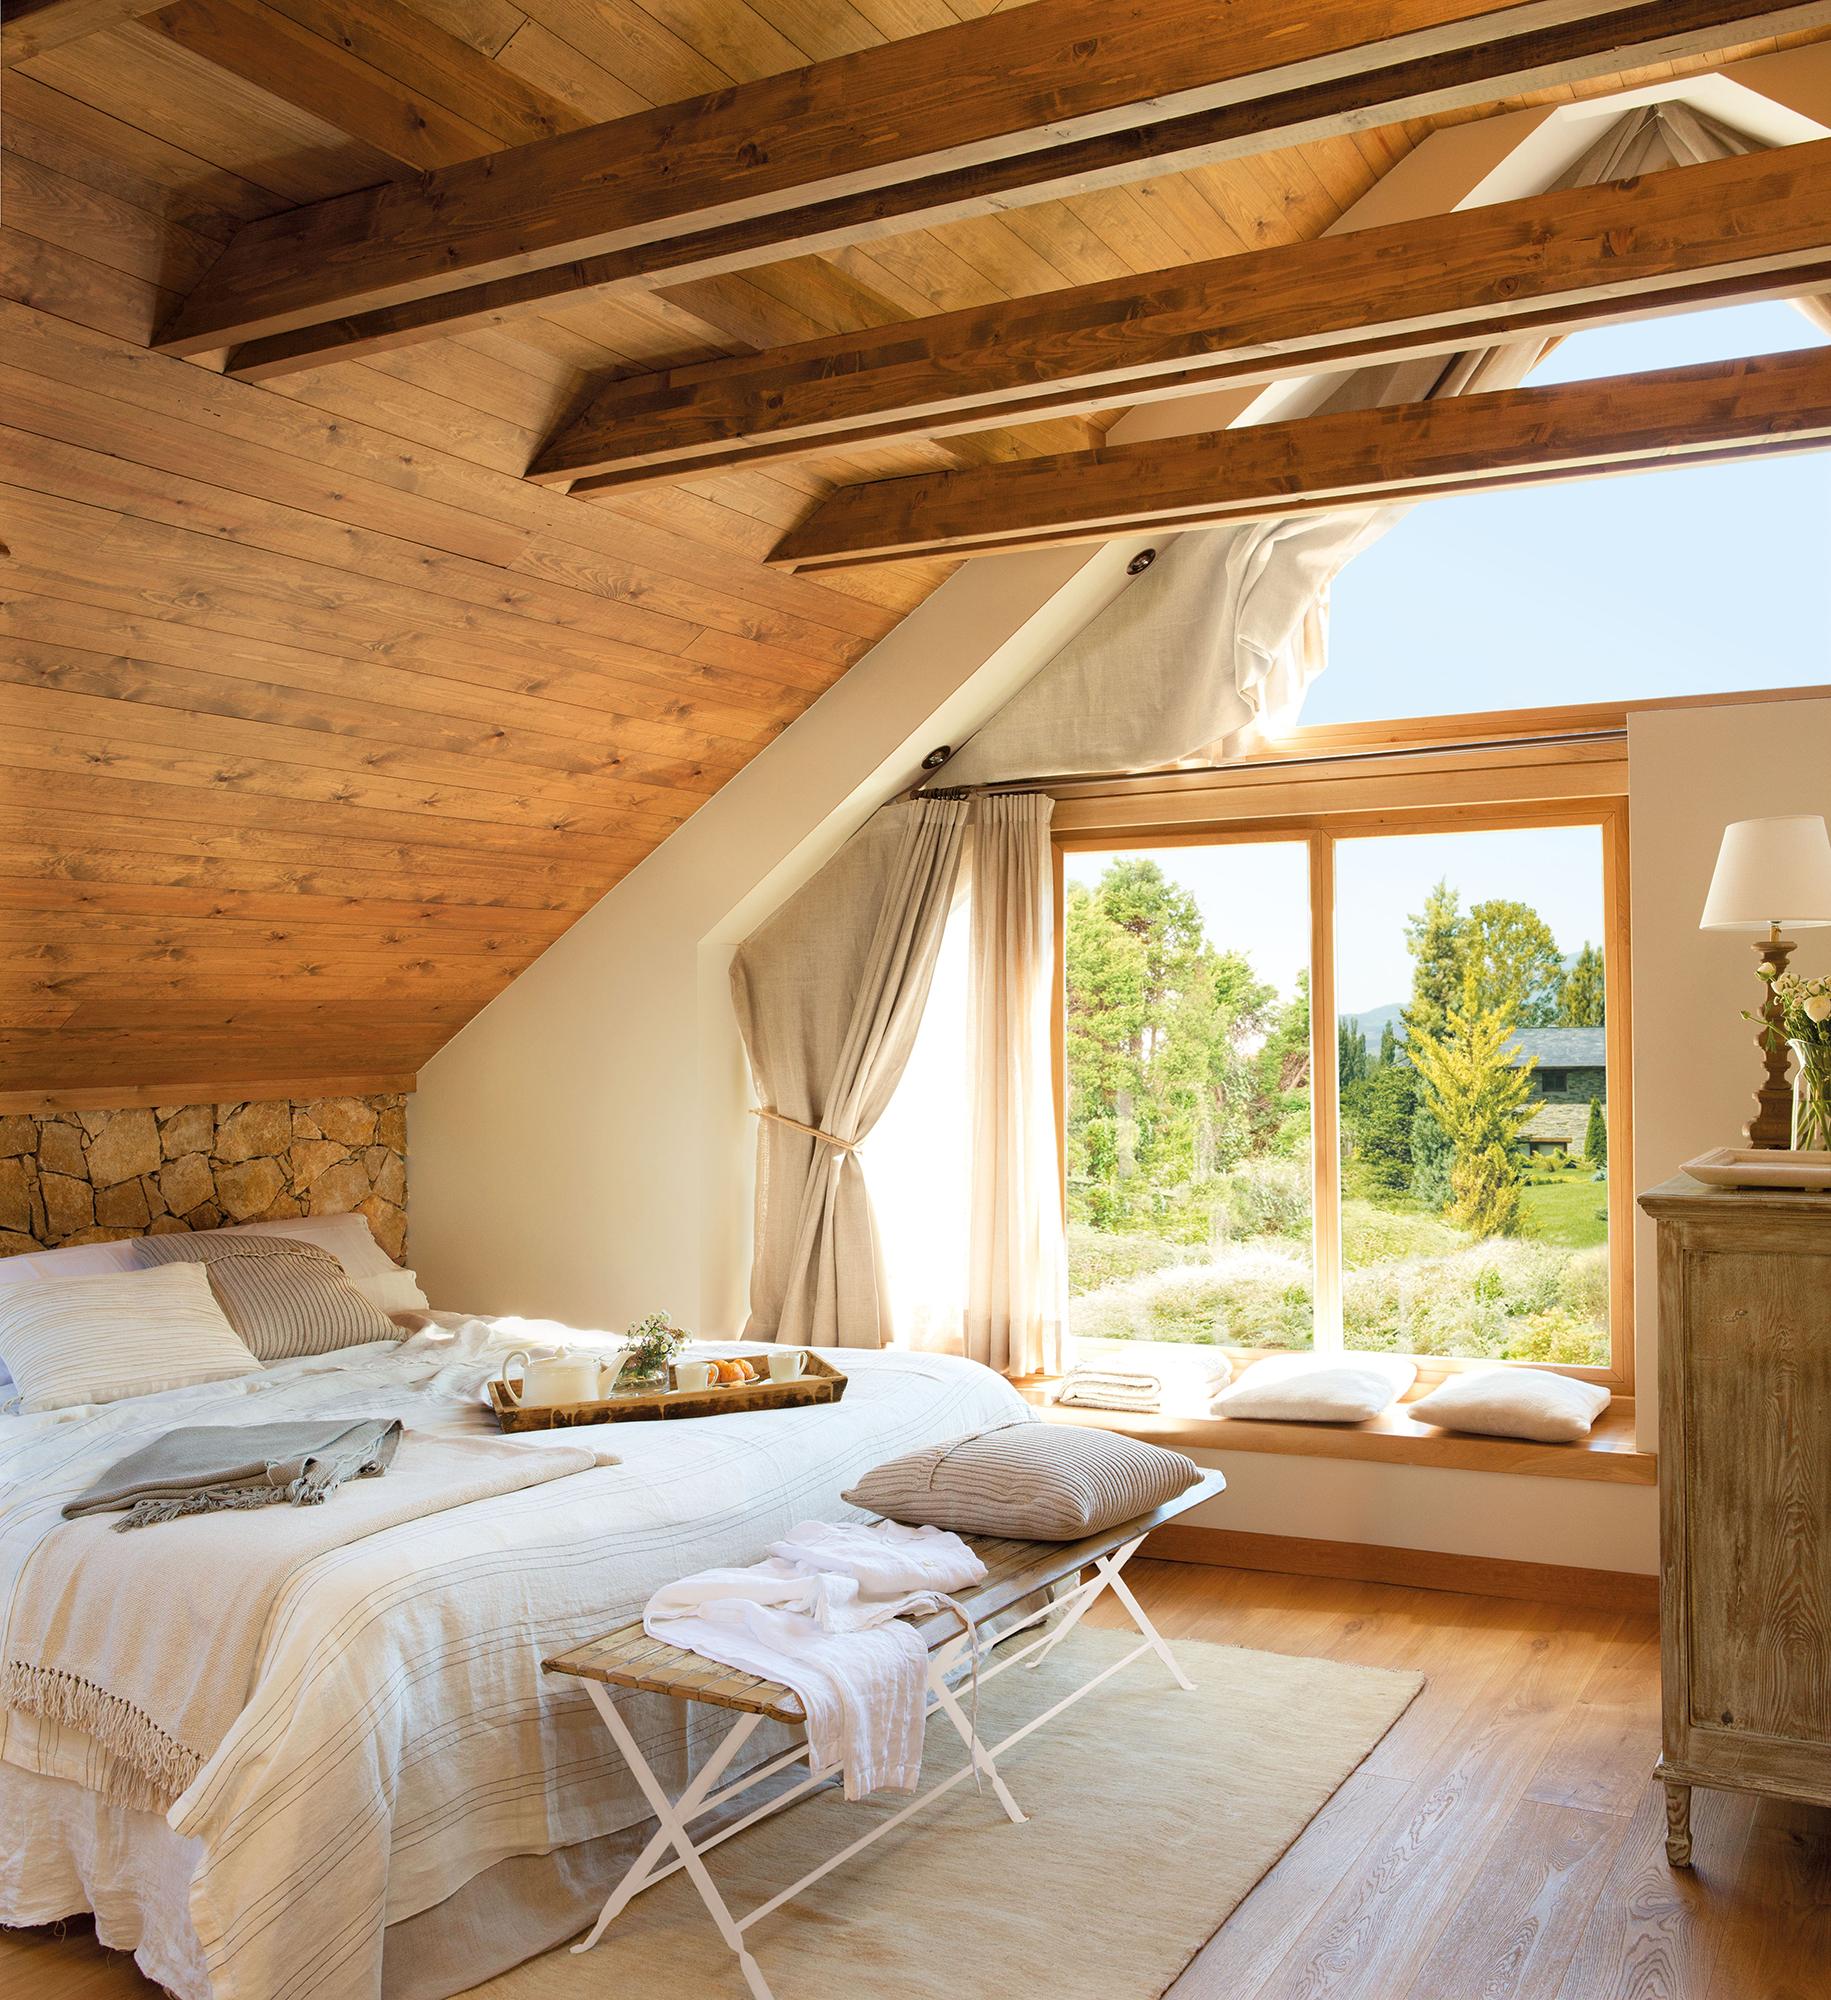 20 dormitorios de todos los estilos for Techos de madera para exterior